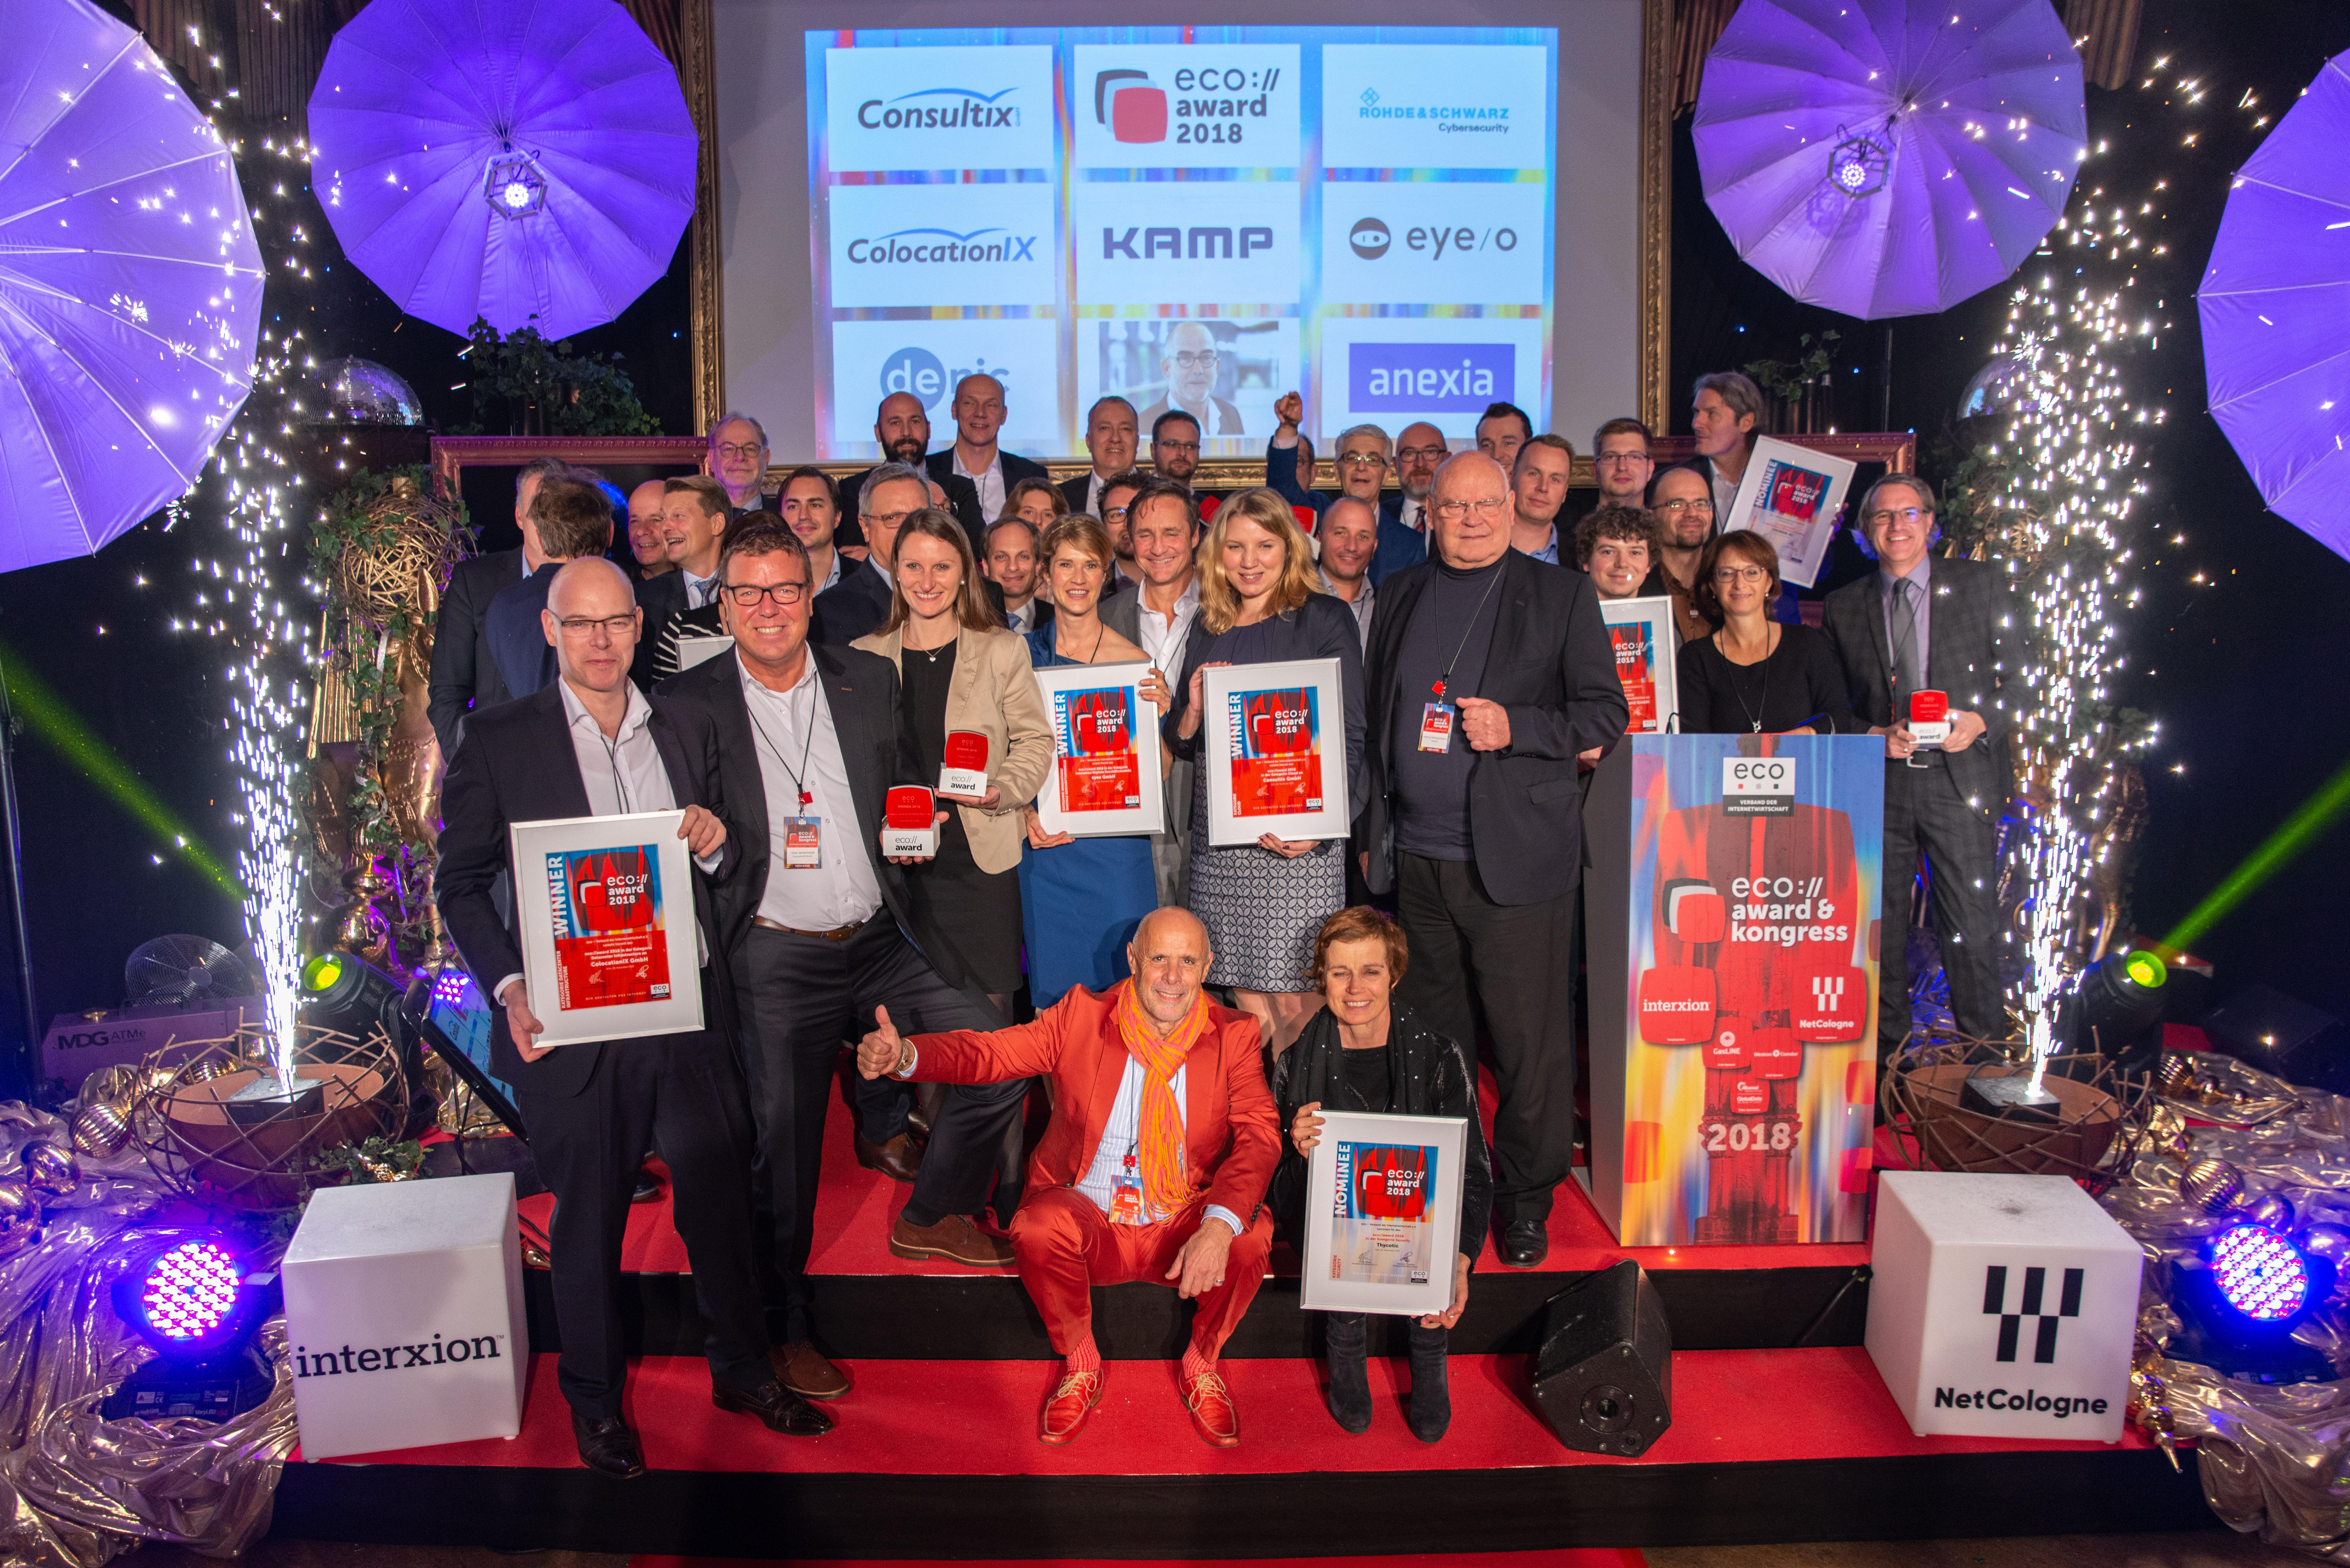 Nominierte, Gewinner und Laudatoren des Eco Awards_Foto eco e.V